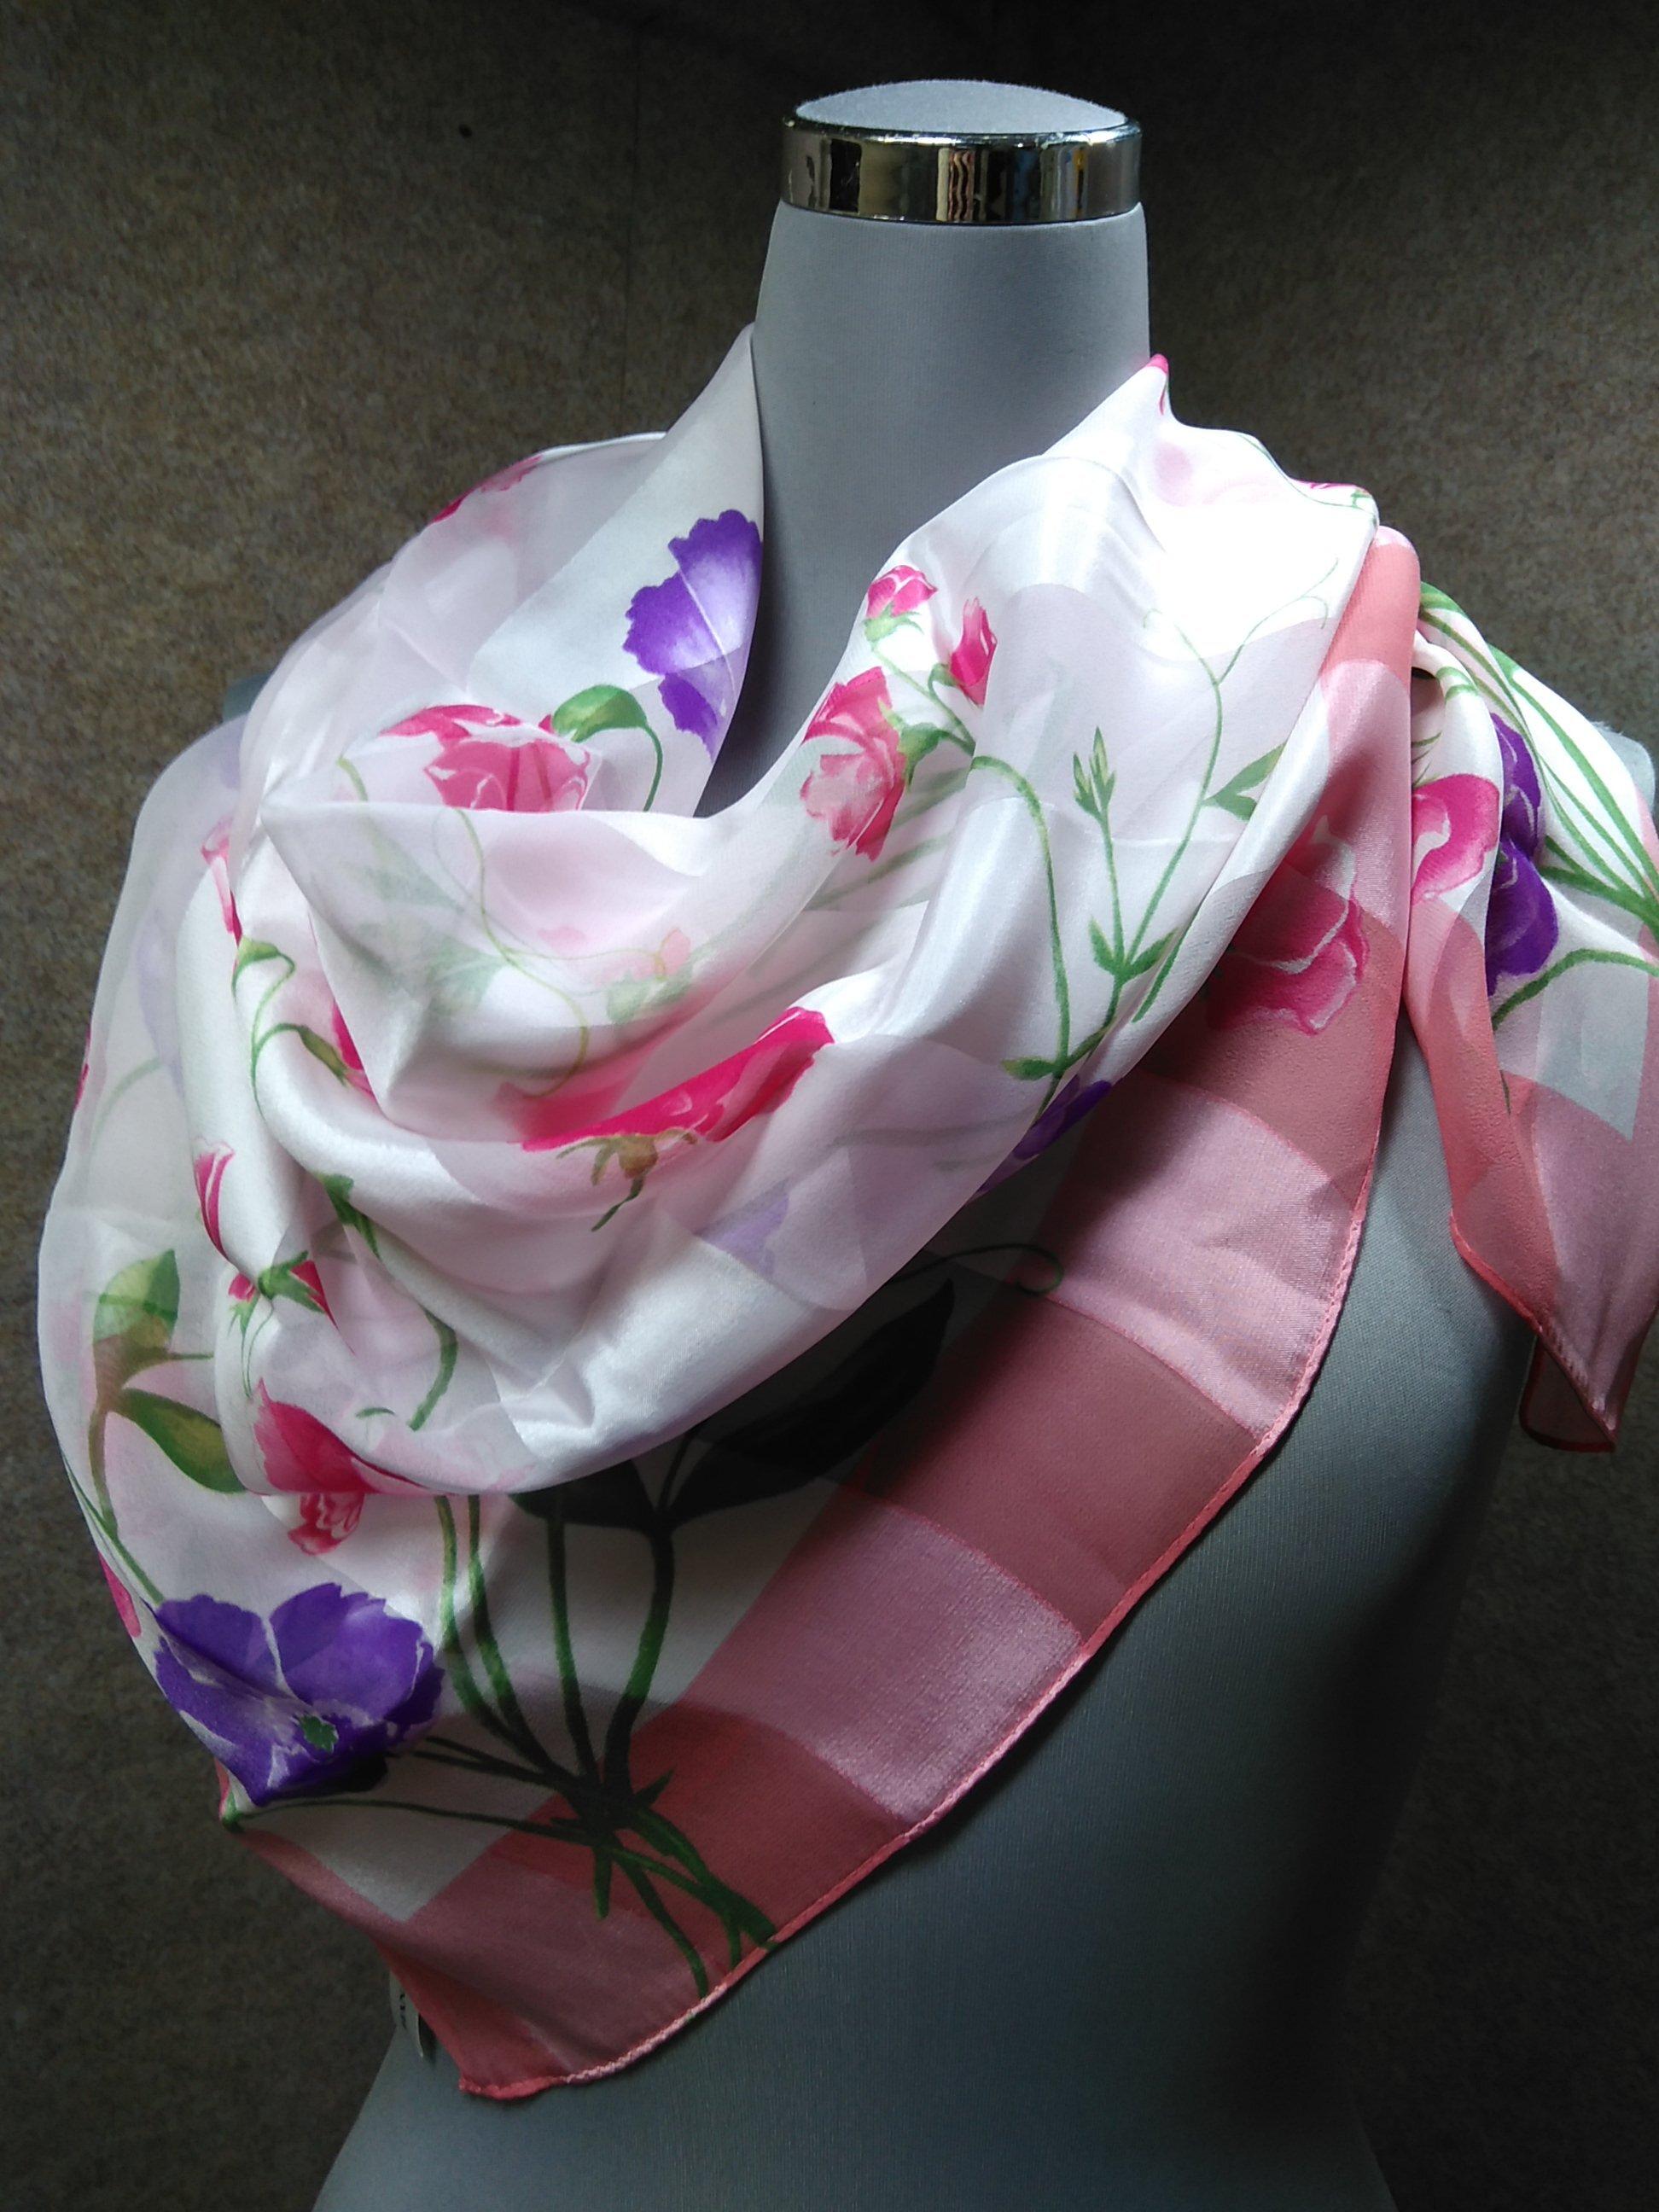 ハナエモリ スカーフ シルク 絹 花柄 ピンク系 mu910e